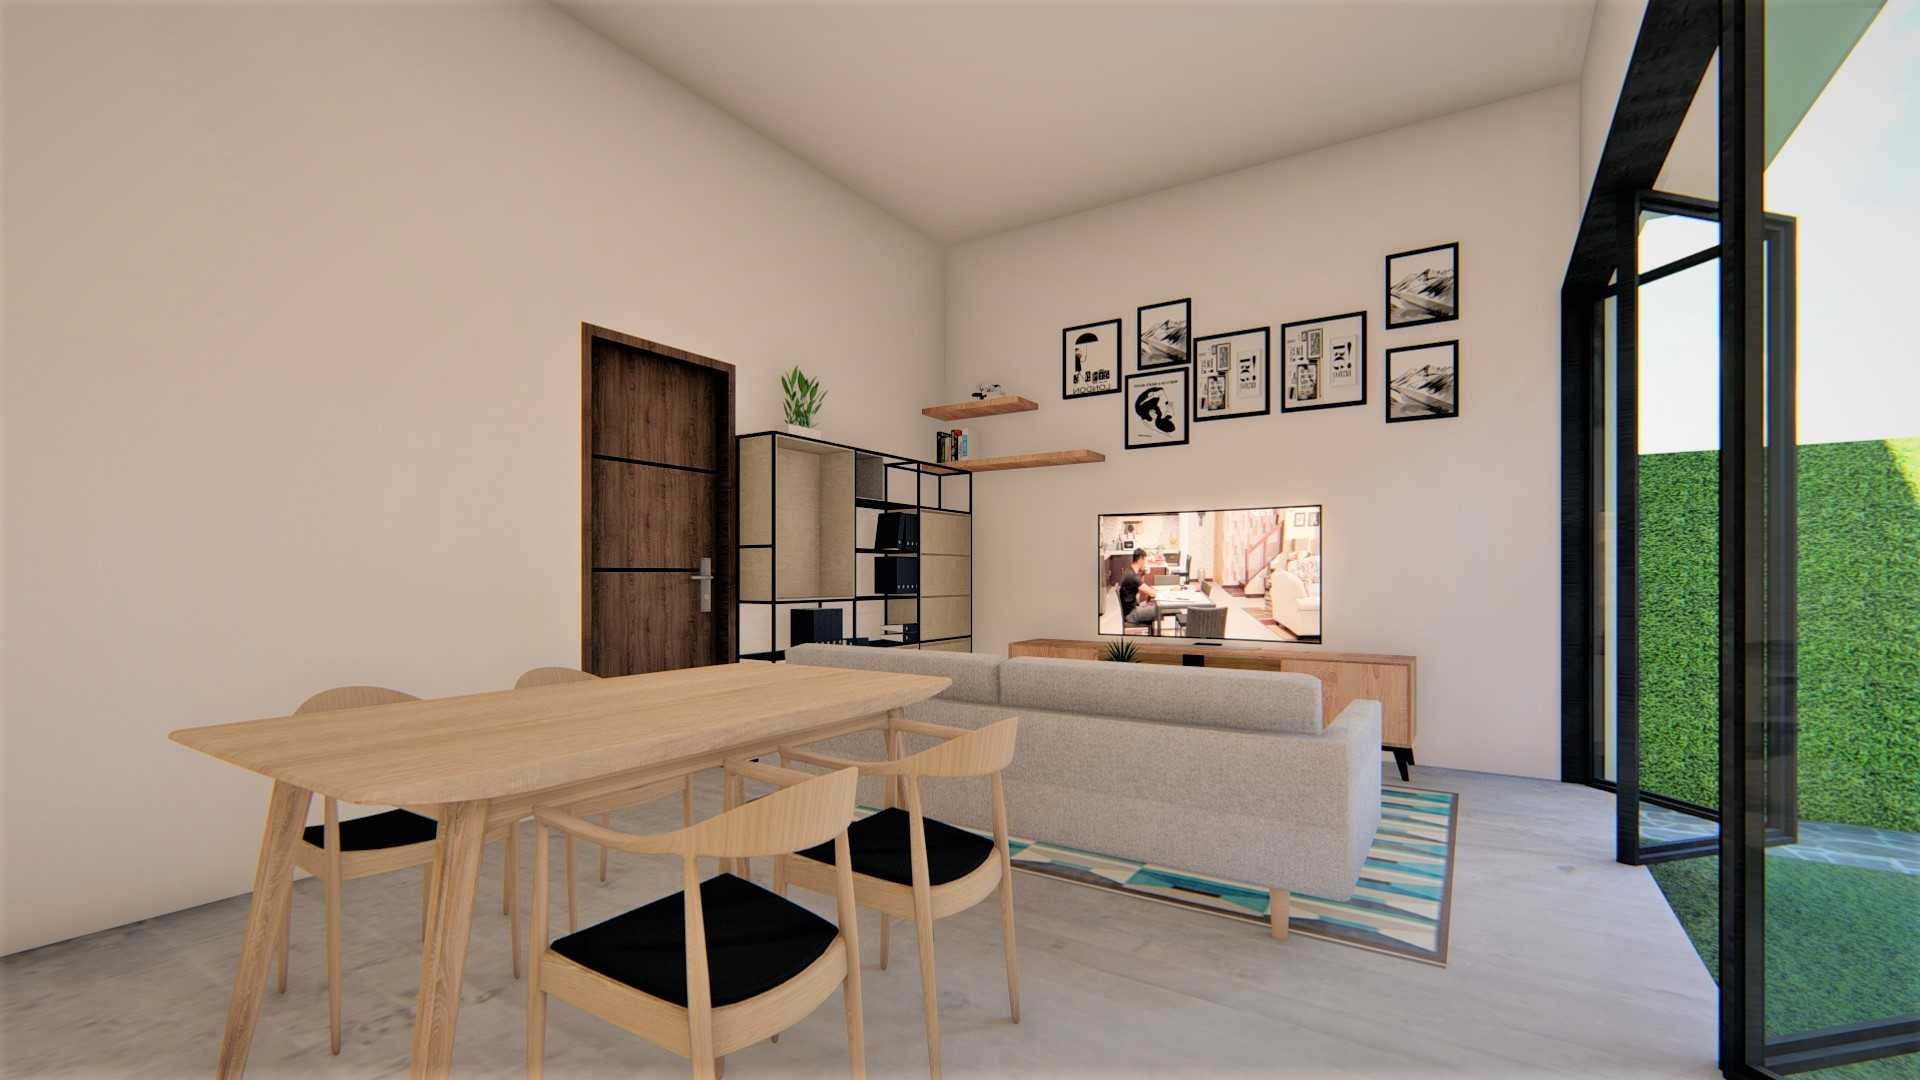 Astabumi Studio Pr House Tegal Tegal, Kota Tegal, Jawa Tengah, Indonesia Yogyakarta Cv-Astabumi-Manunggal-Prakarsa-Jto-Jogja-Trade-Office  119464